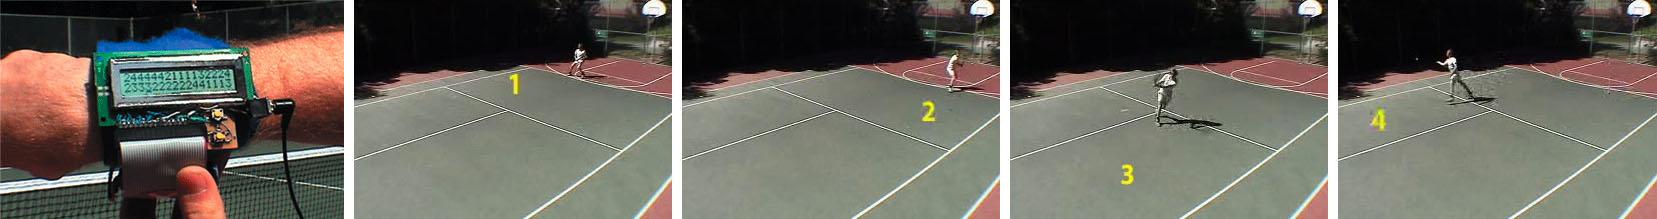 tennismusic.jpg